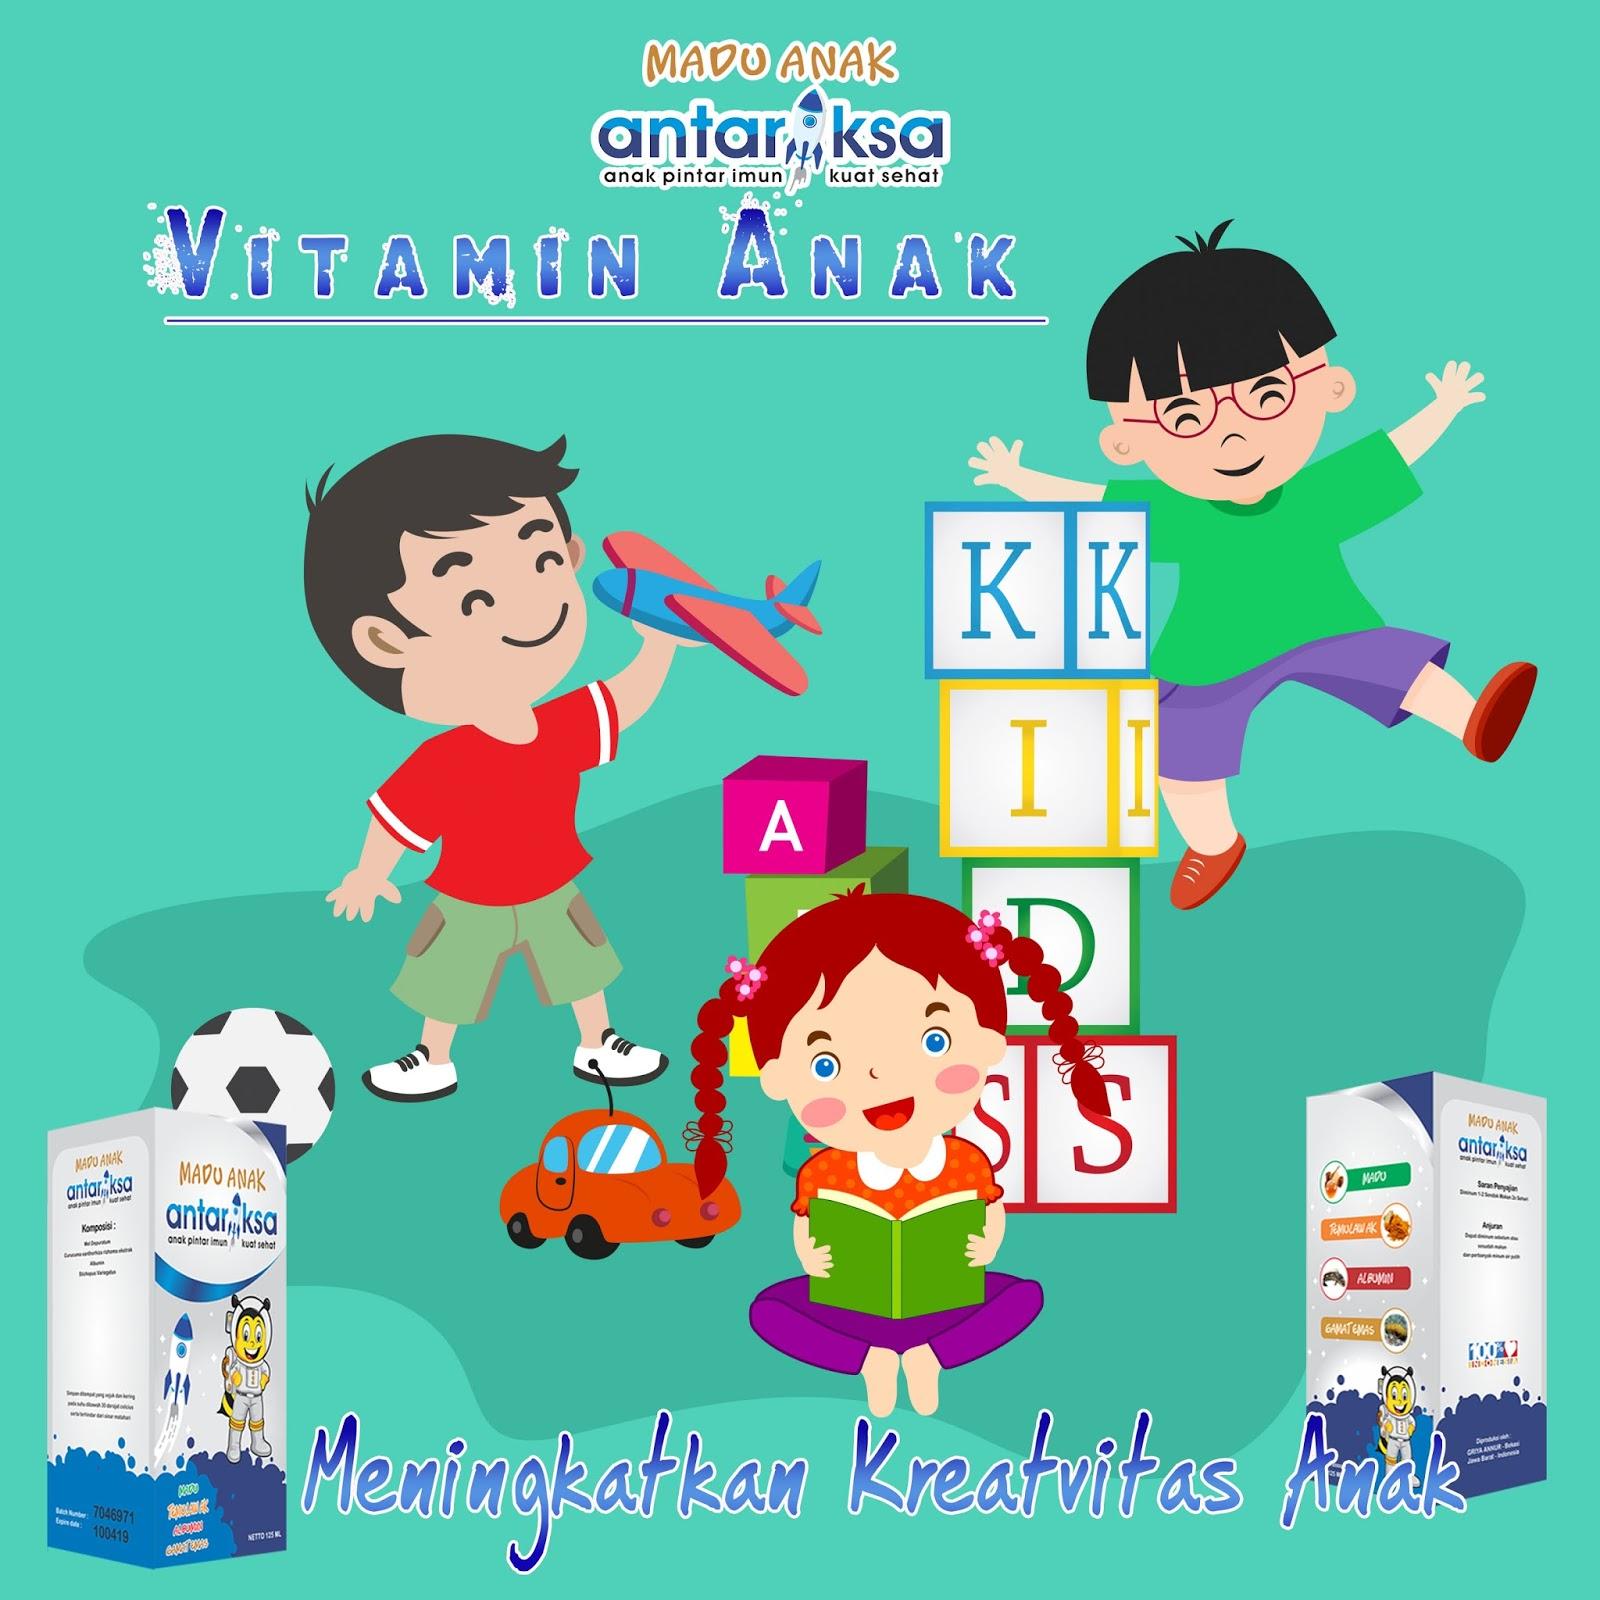 Vitamin Anak Untuk Meningkatkan Kreativitas Anak